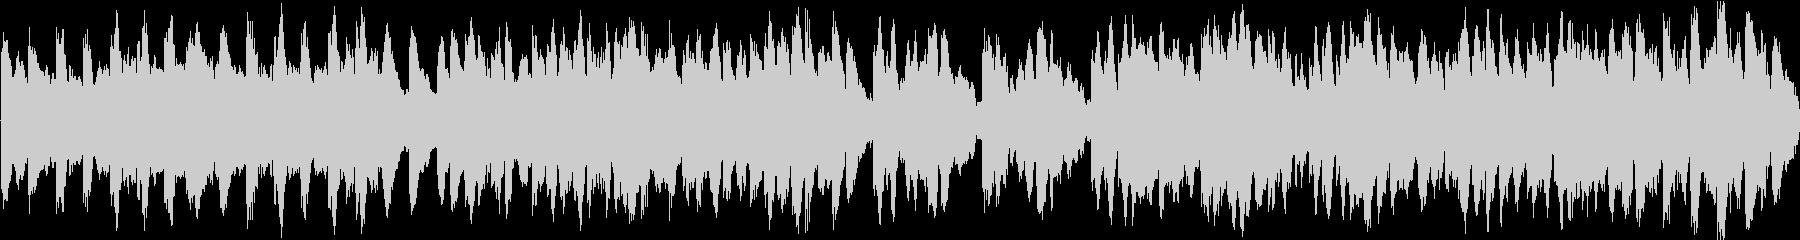 キラキラしたかわいいBGMの未再生の波形